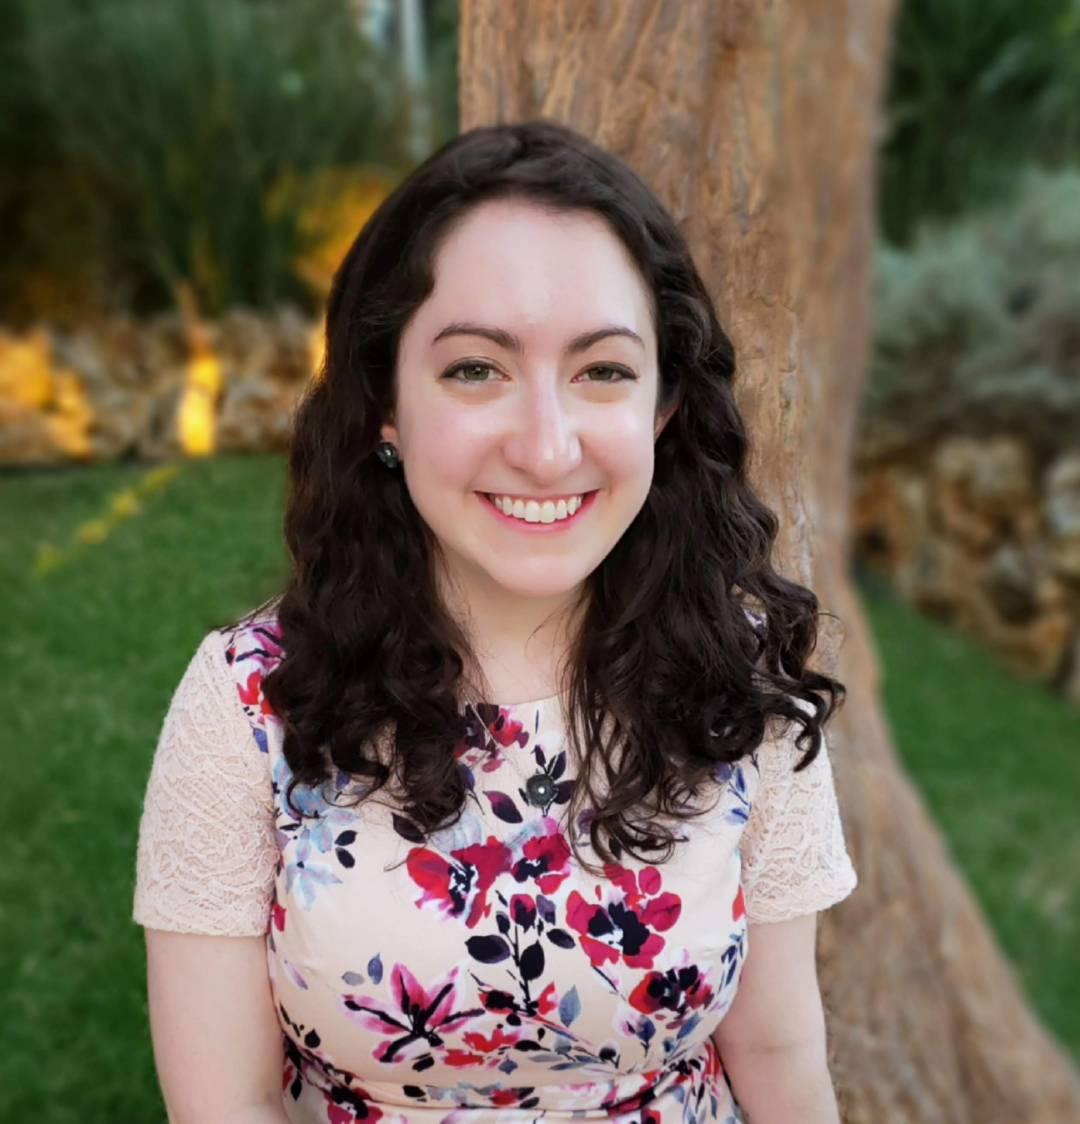 Rachel Podhorcer